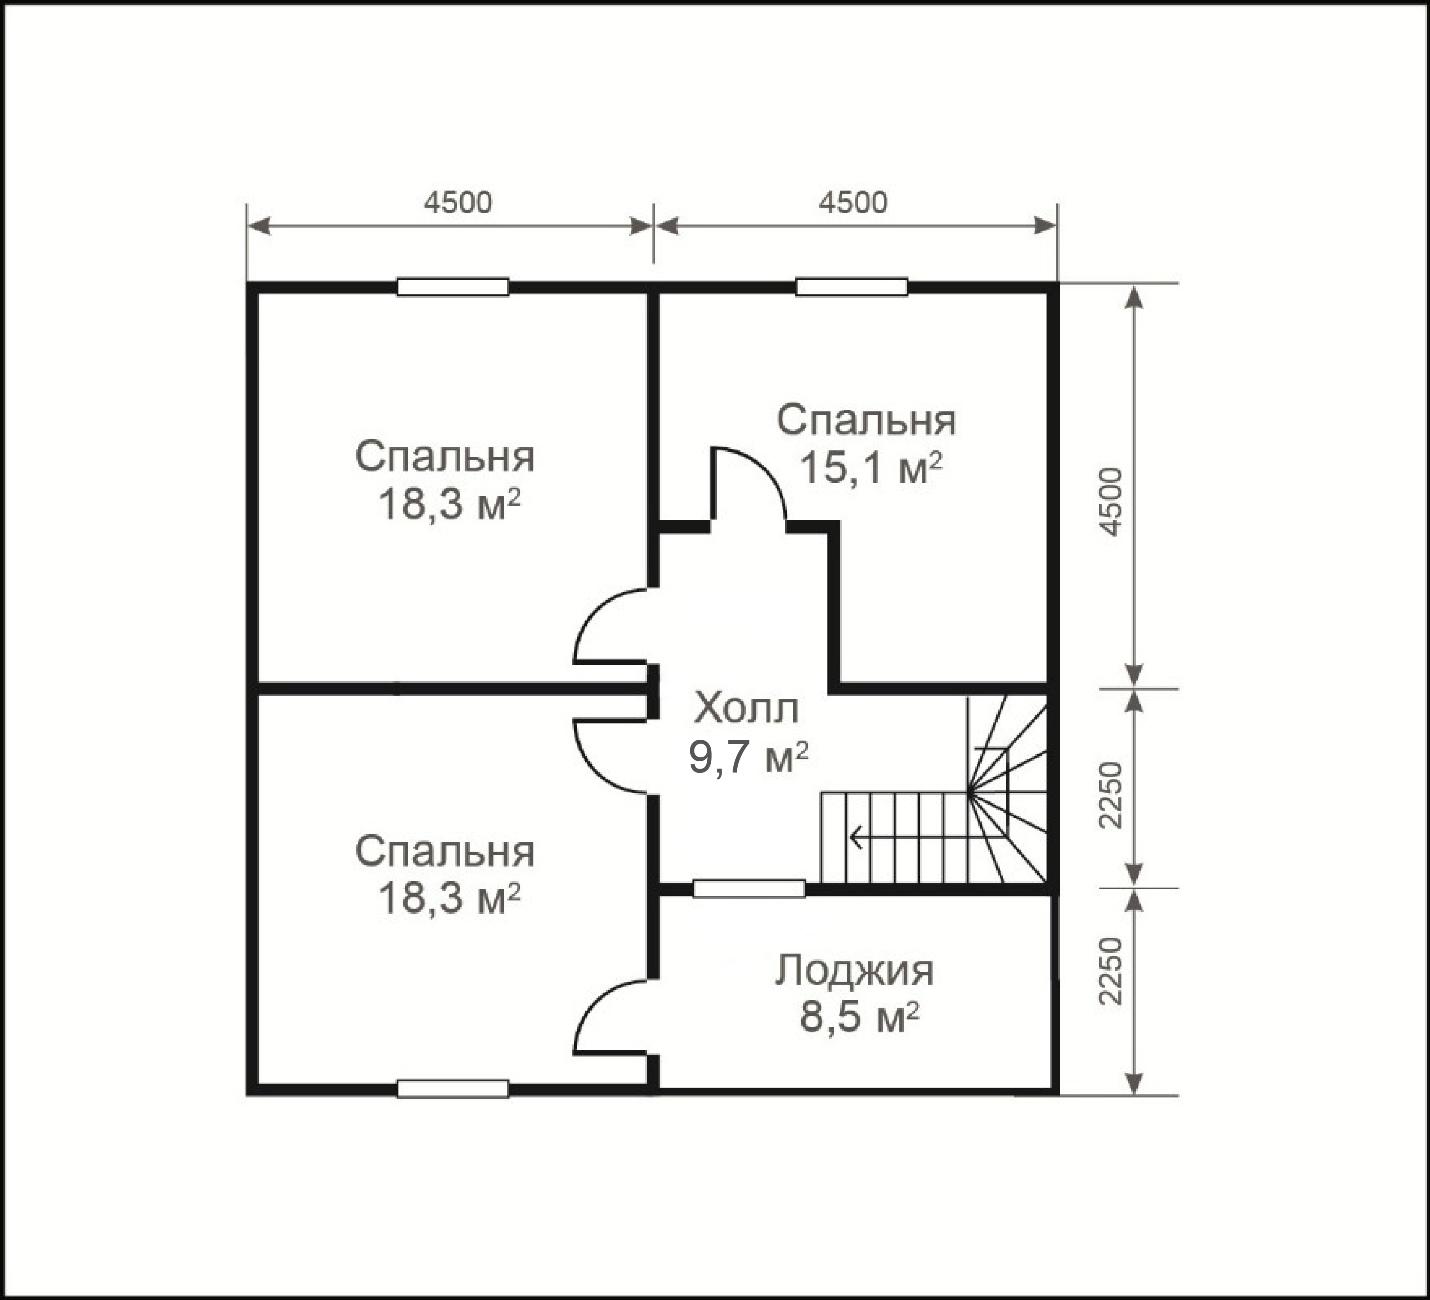 планировка дома фото 9 на 9